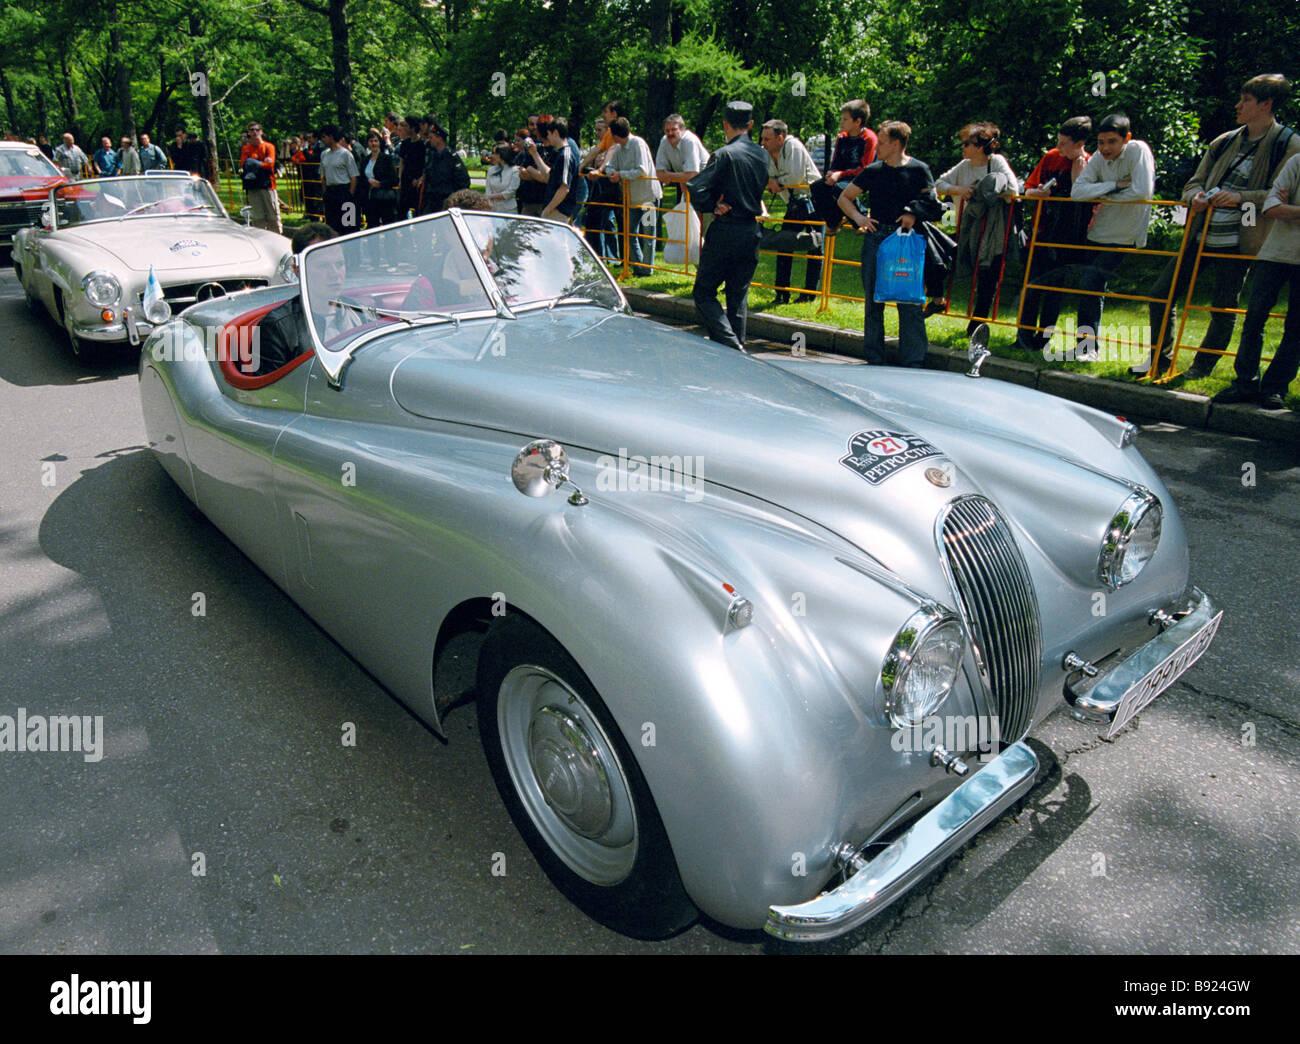 la c r monie d 39 ouverture de la 3 me festival r tro de voitures anciennes jaguar 1930 s uk banque. Black Bedroom Furniture Sets. Home Design Ideas